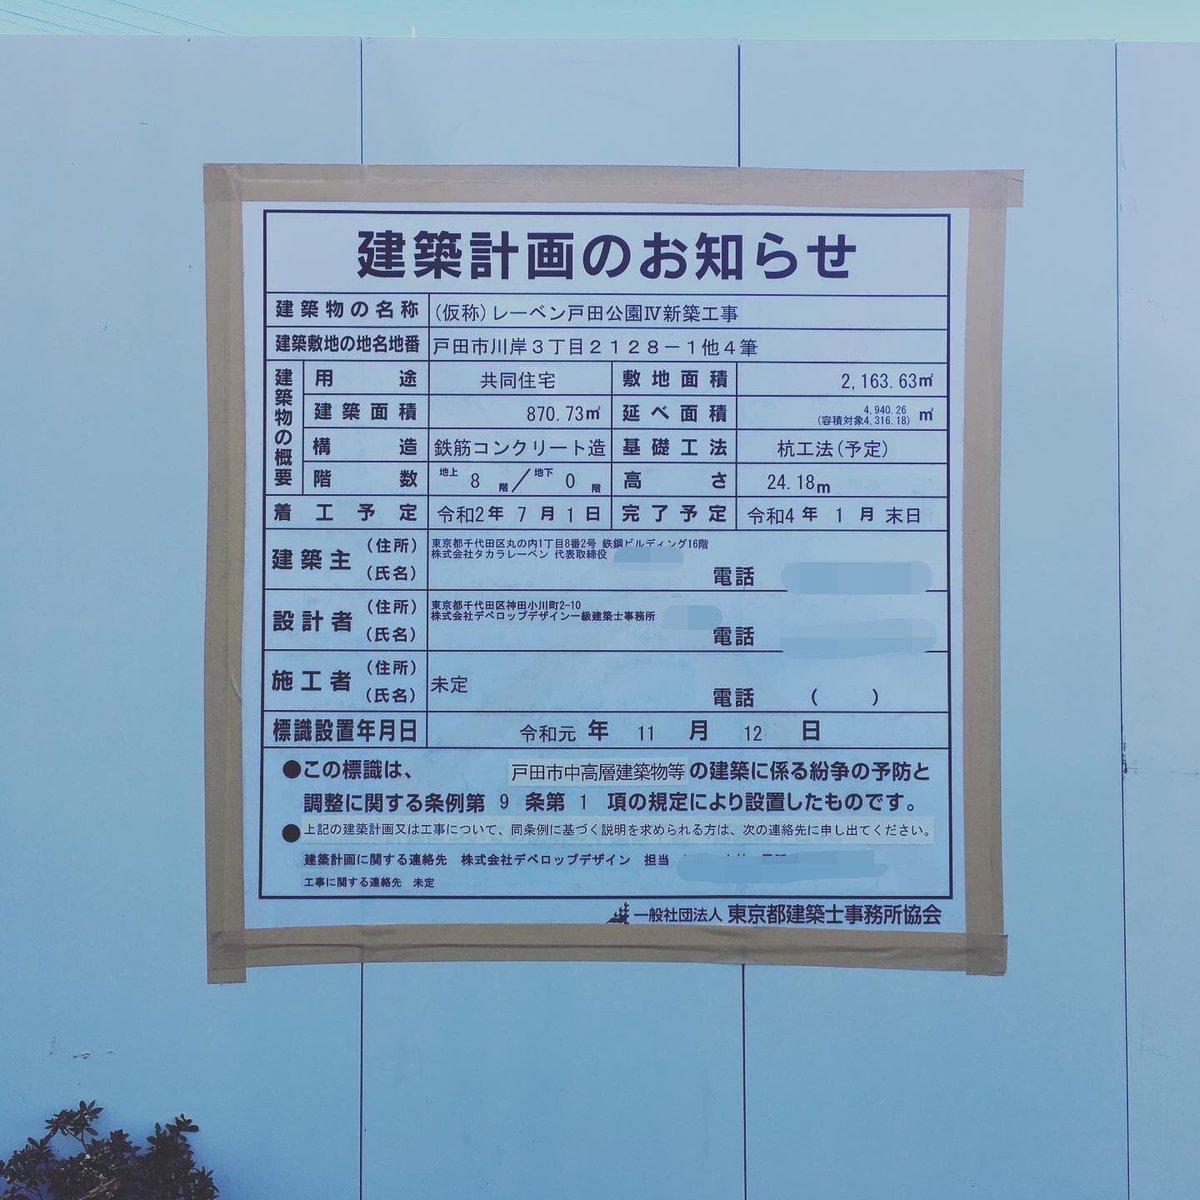 ホームセンター 公園 ロイヤル 戸田